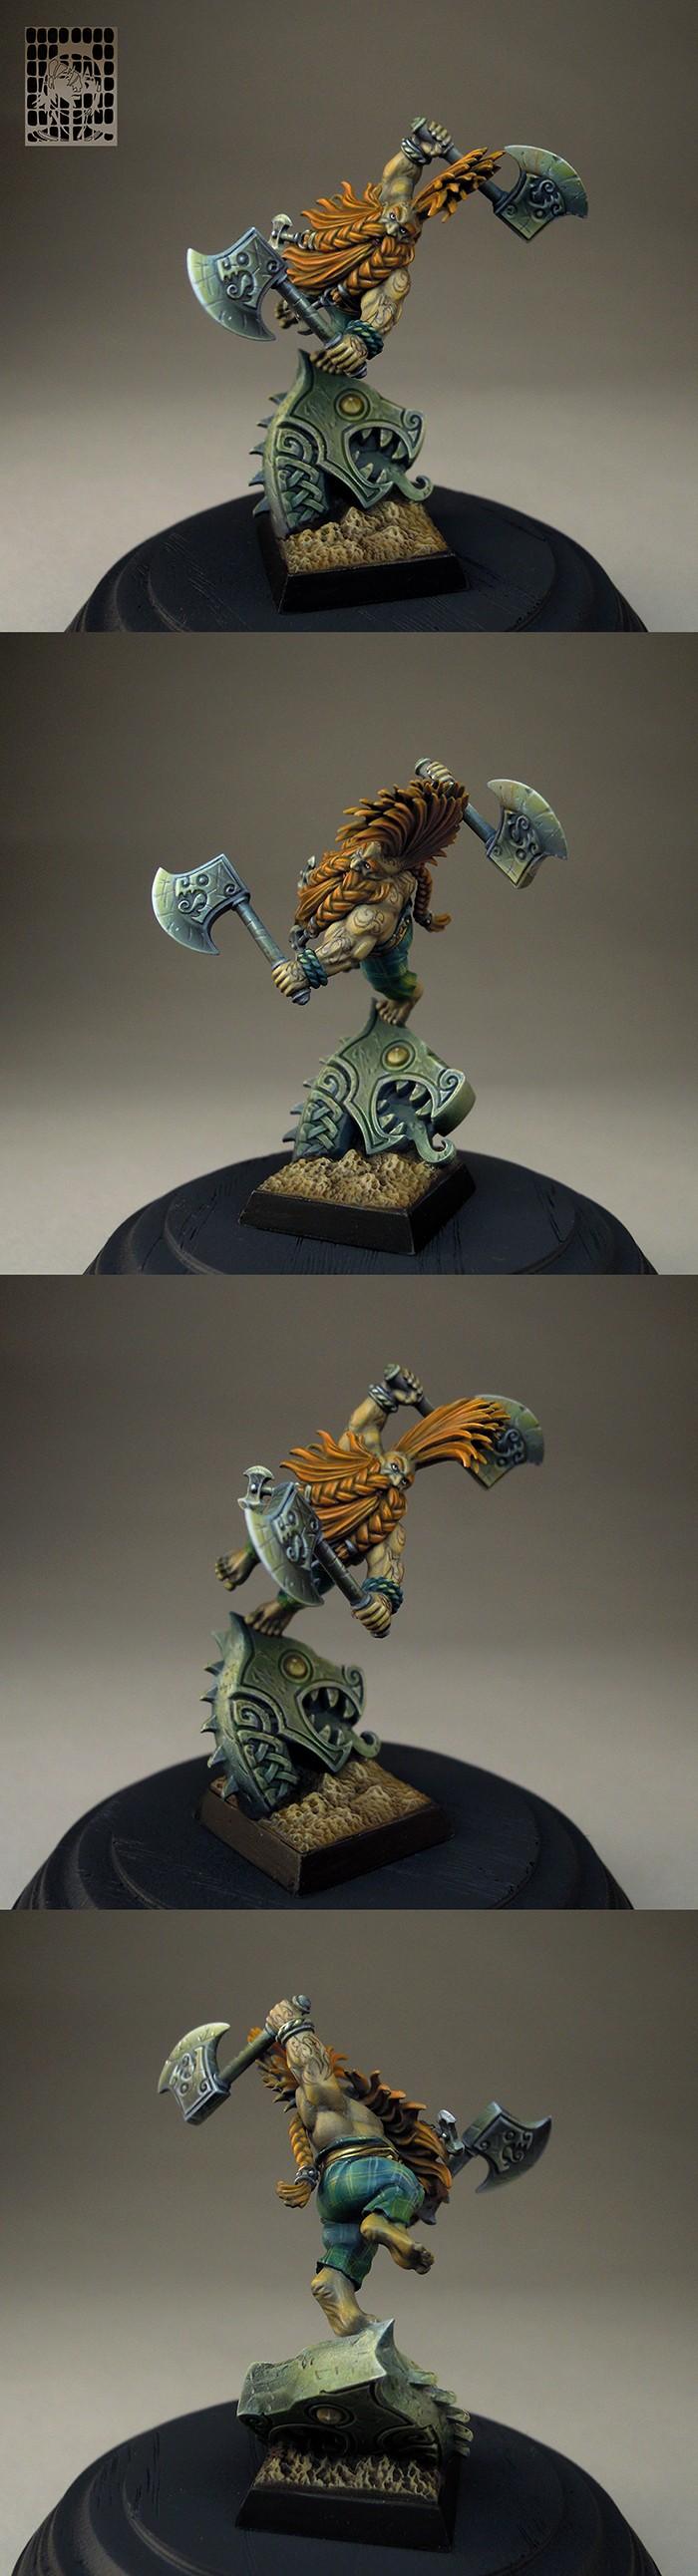 Dwarf Dragon Slayer de Sergey Chasnyk. Img5453adba1f48c